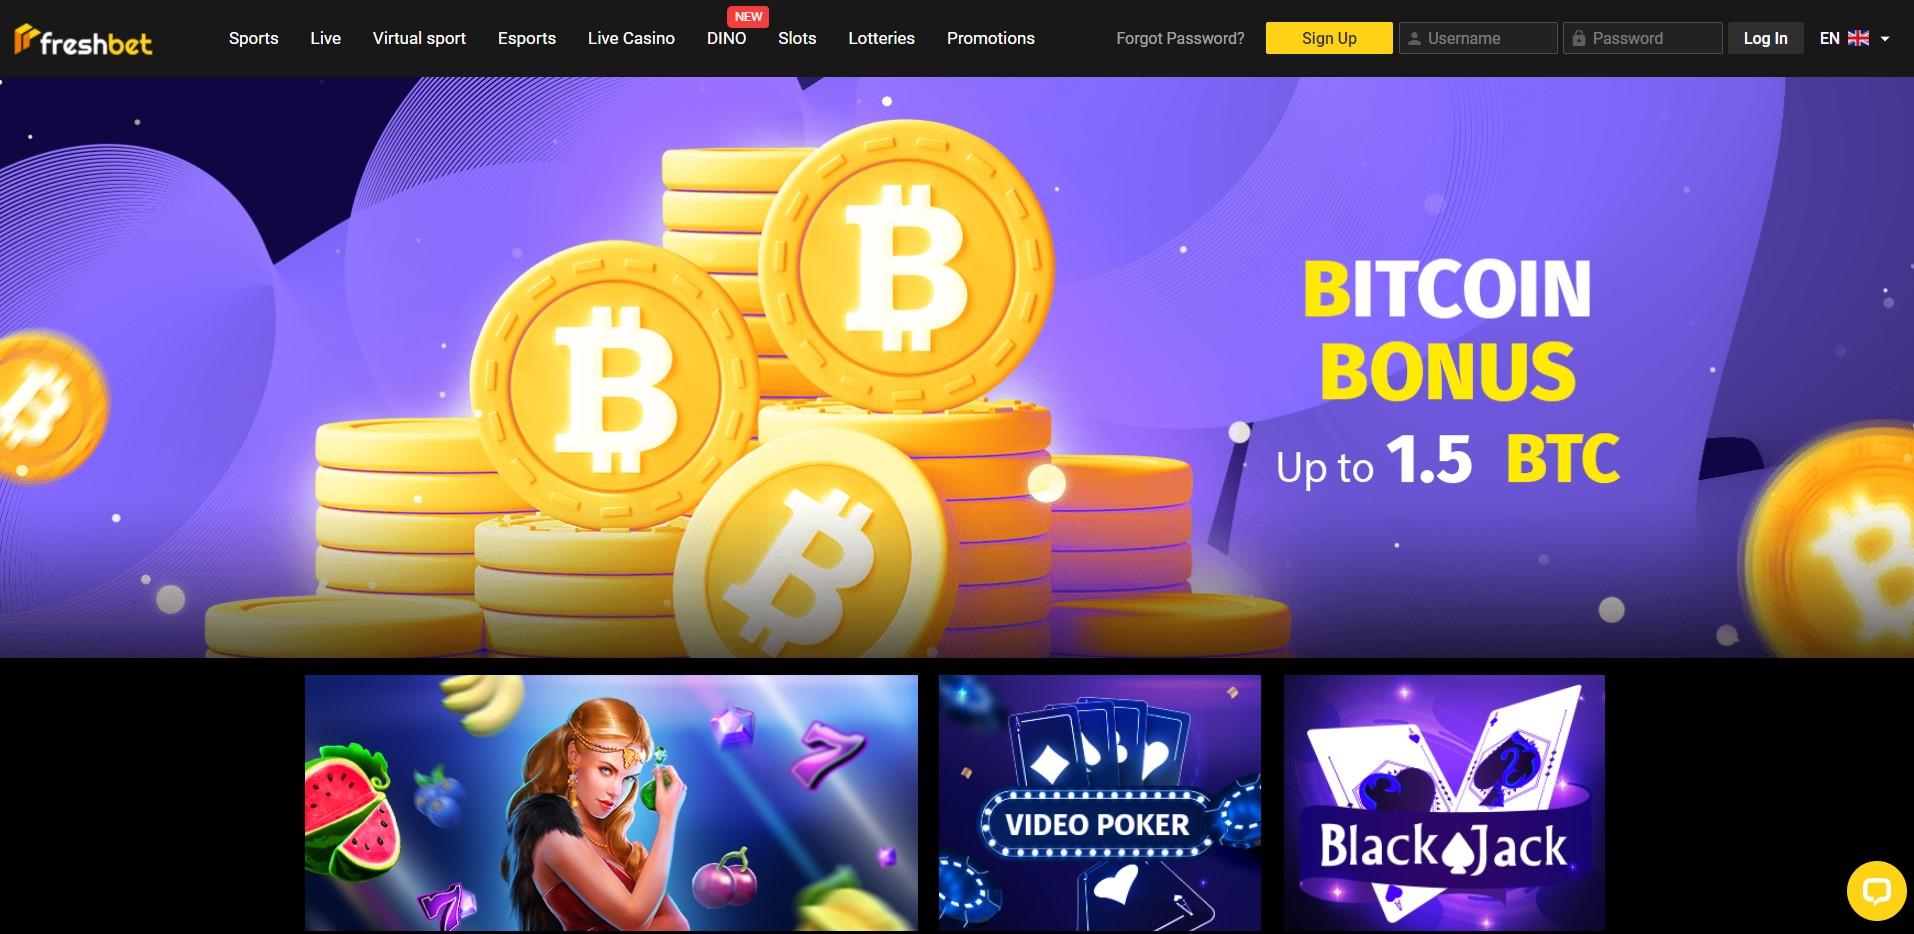 fresh-bet.com - Website Review